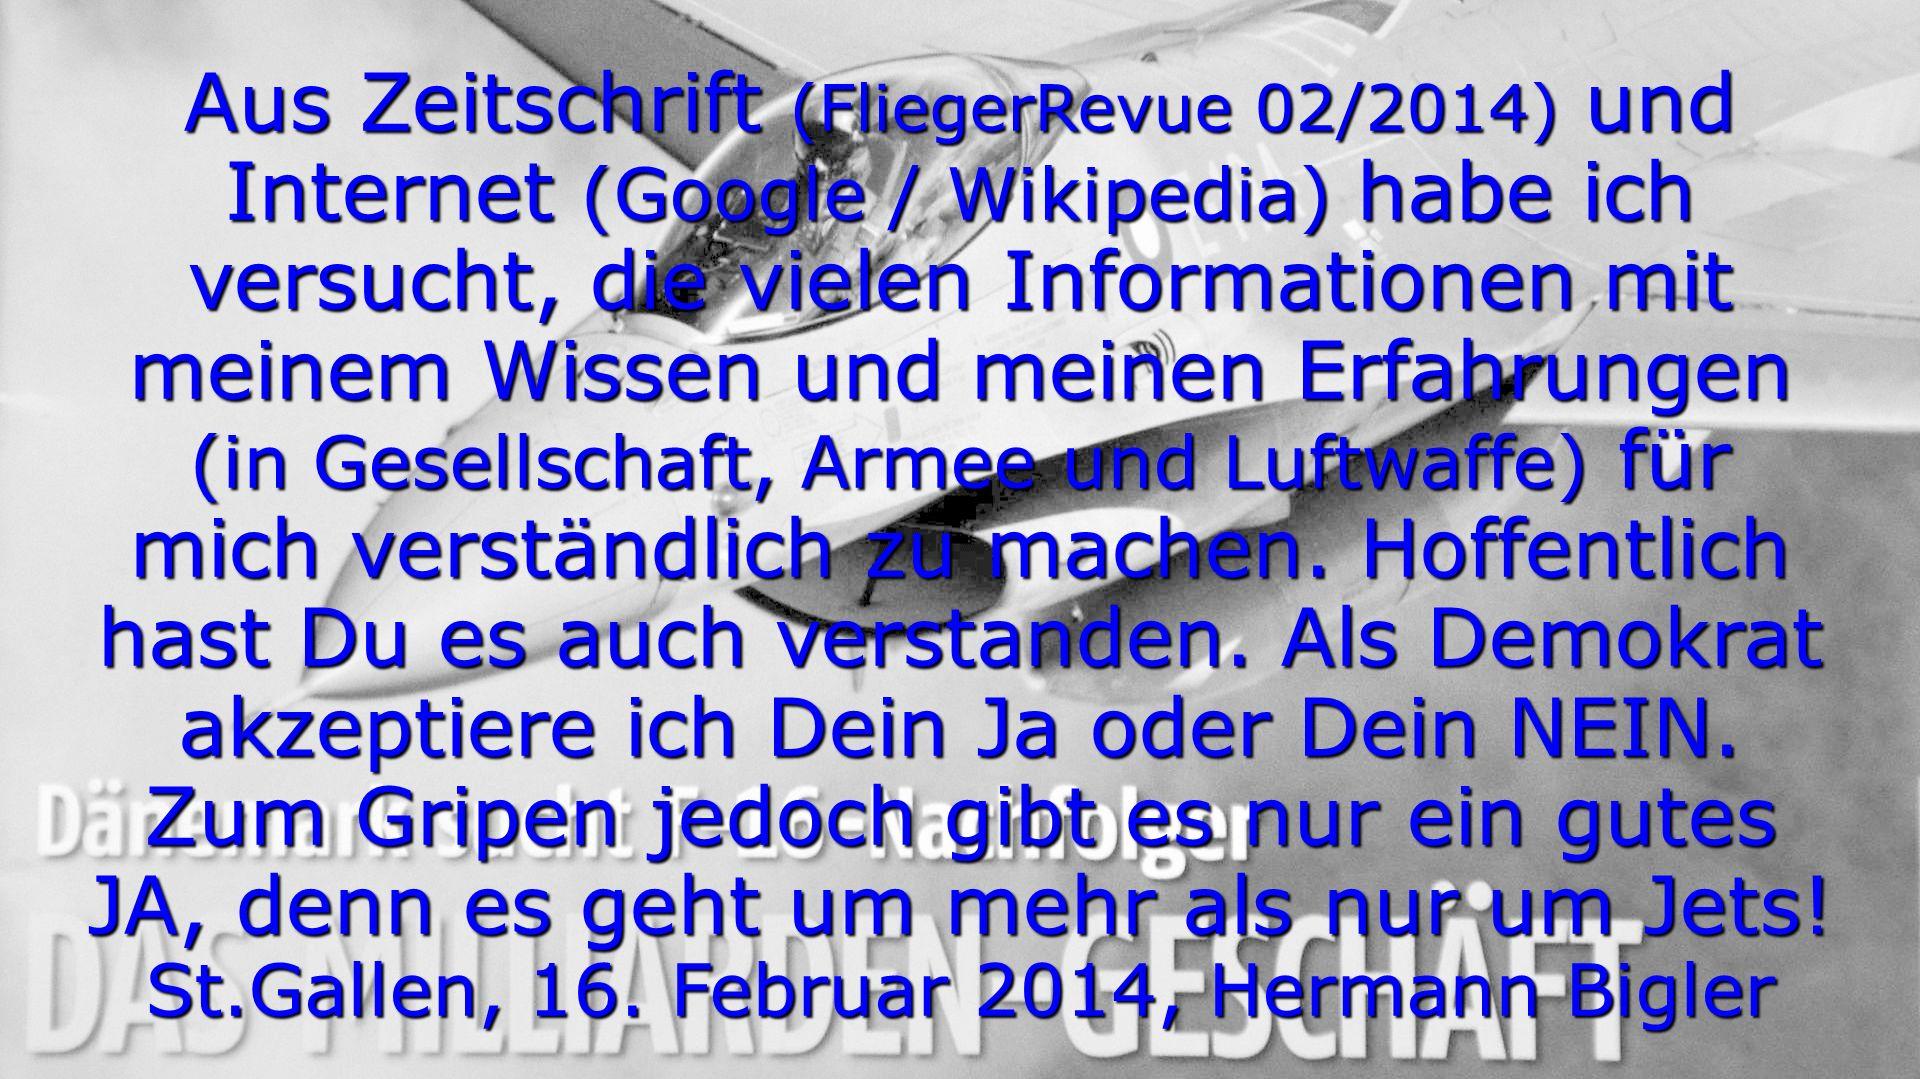 St.Gallen, 16. Februar 2014, Hermann Bigler